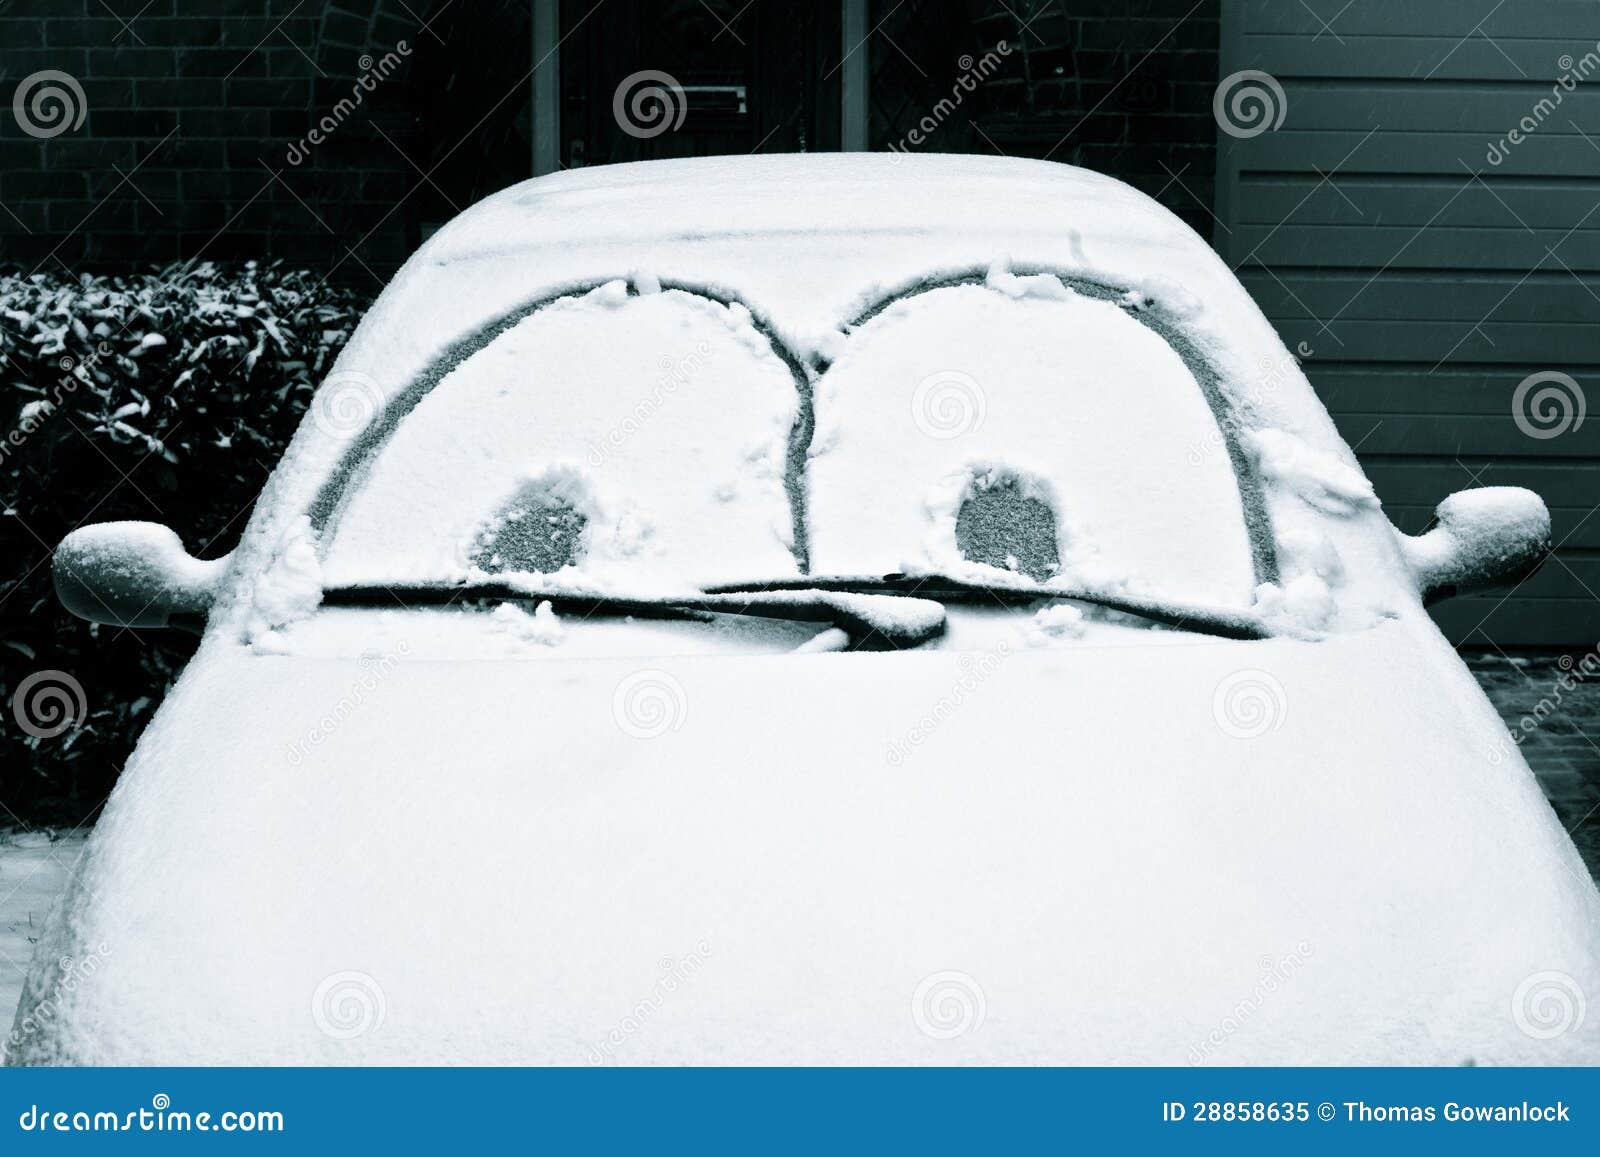 Auto abgedeckt im schnee stockbild bild von frost haupt 28858635 - Bed dat gelederen ...